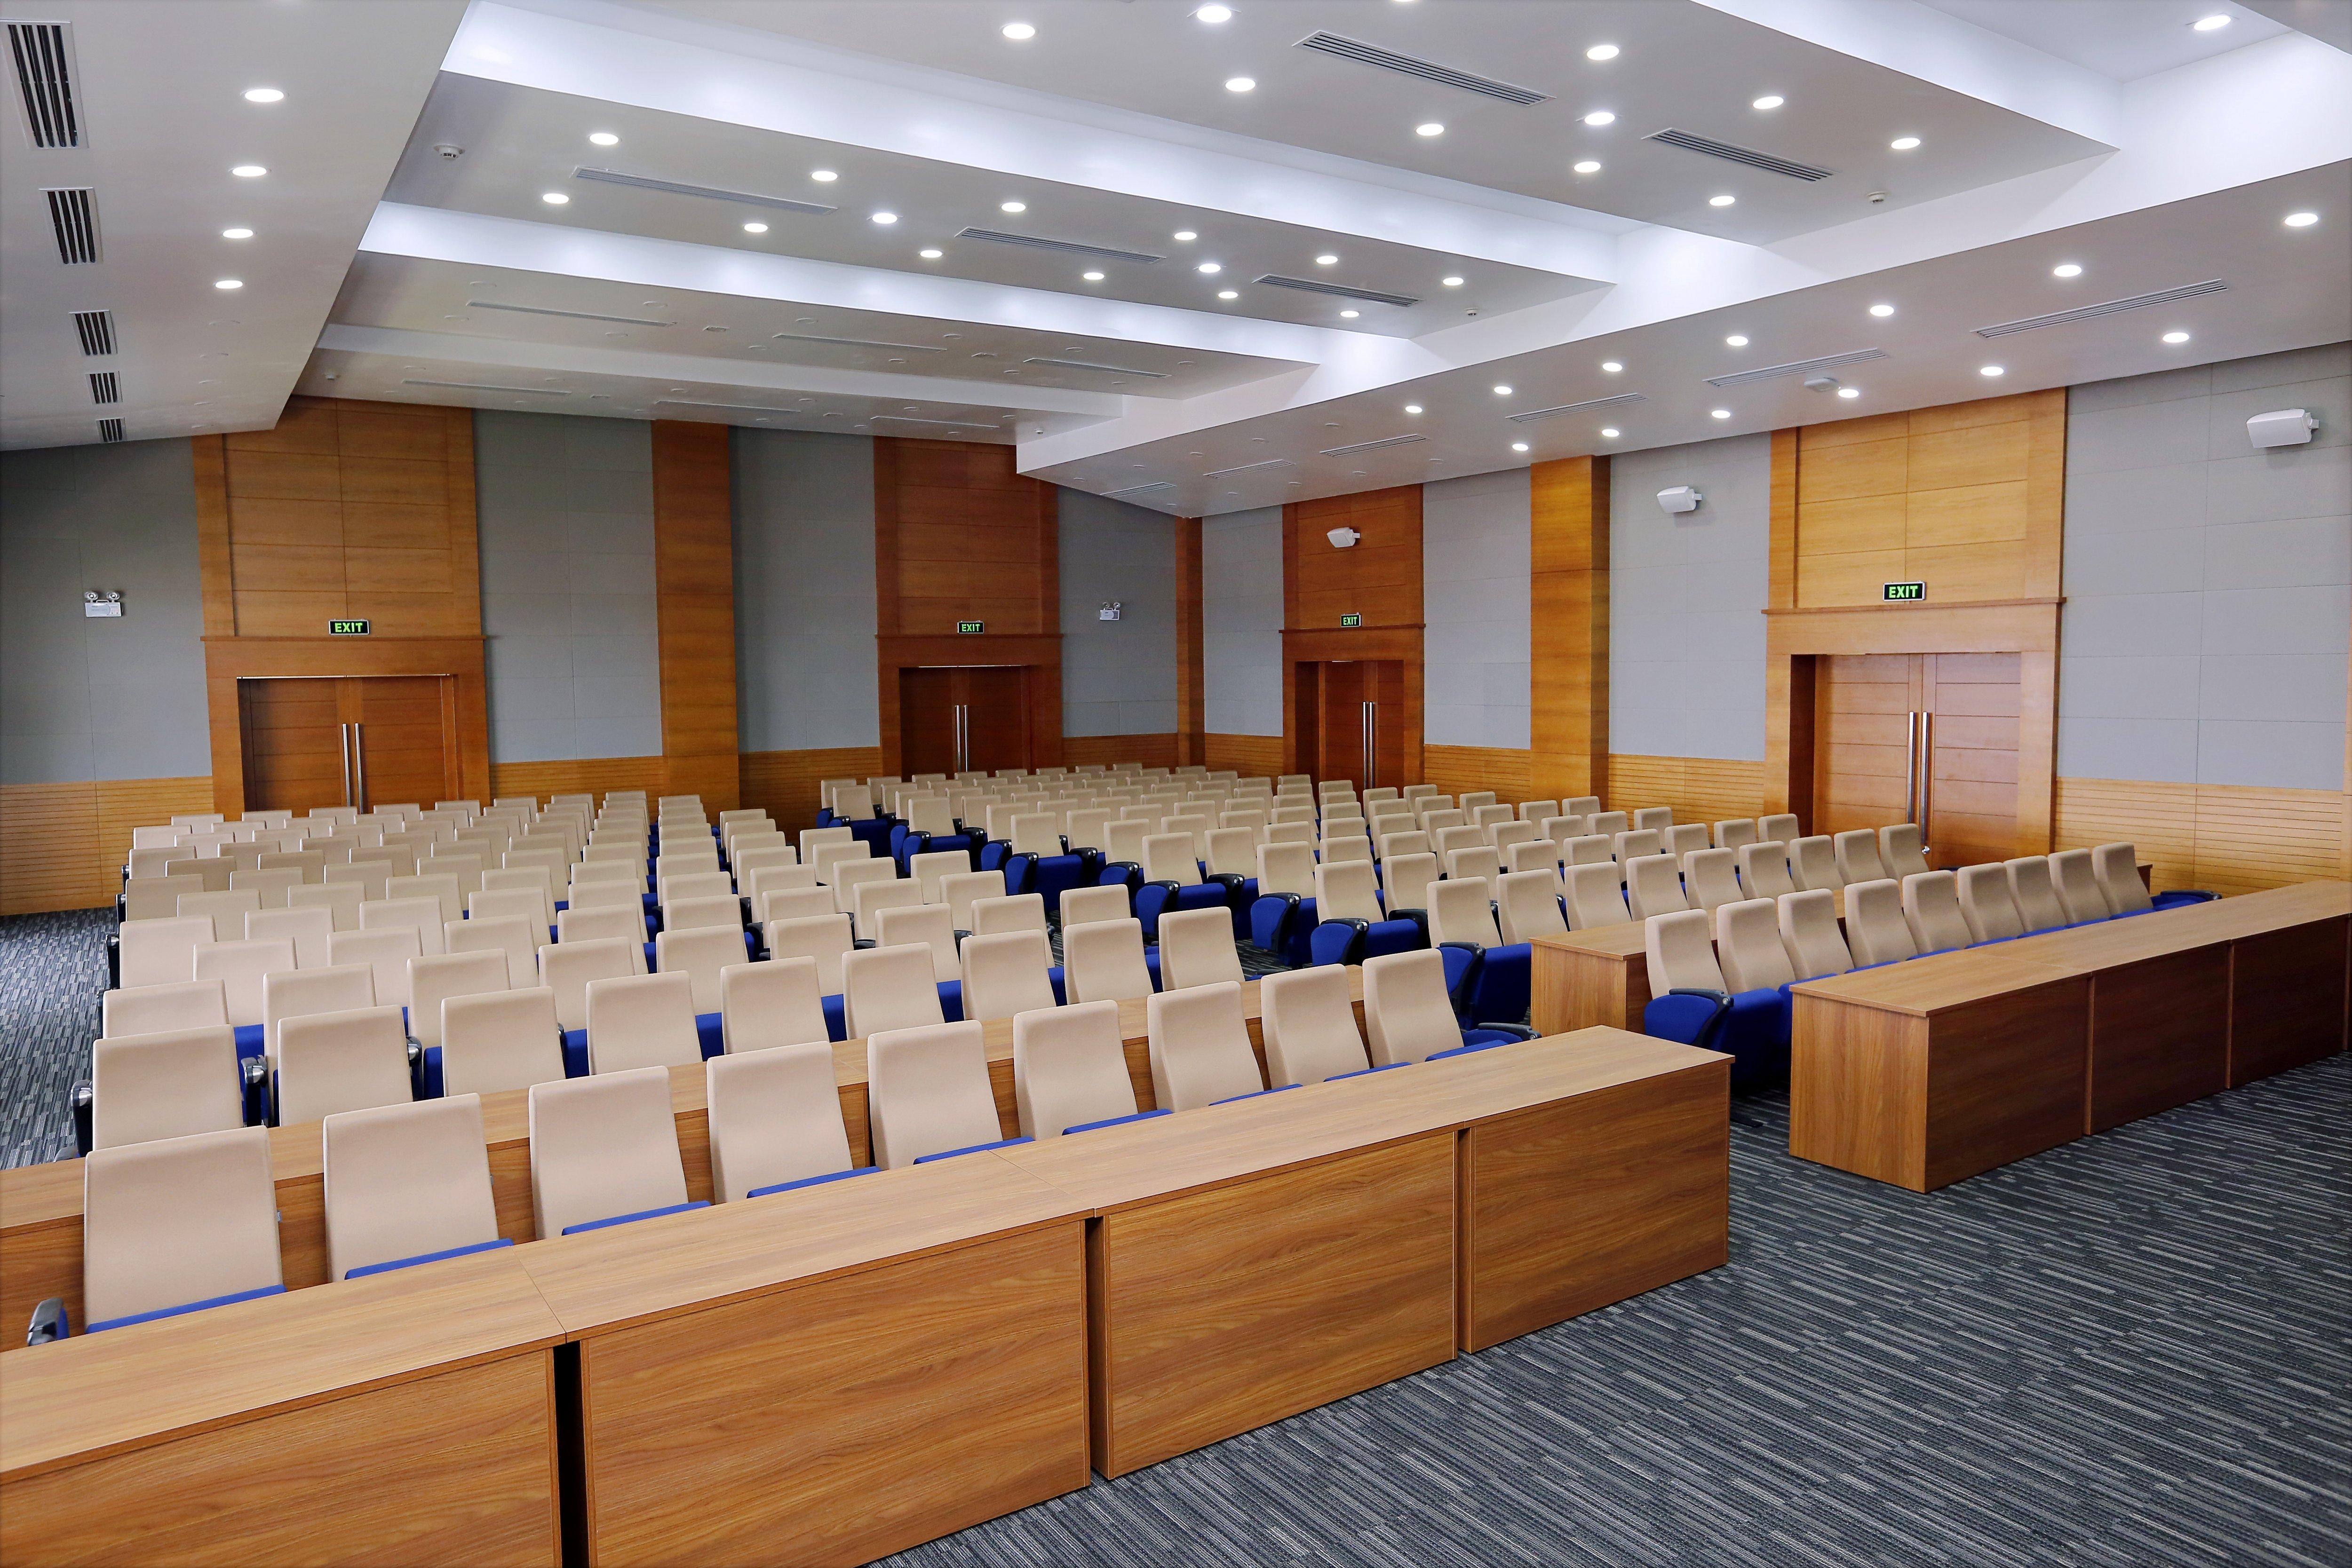 Chọn đơn vị cung cấp ghế hội trường chính hãng thể hiện đẳng cấp của doanh nghiệp